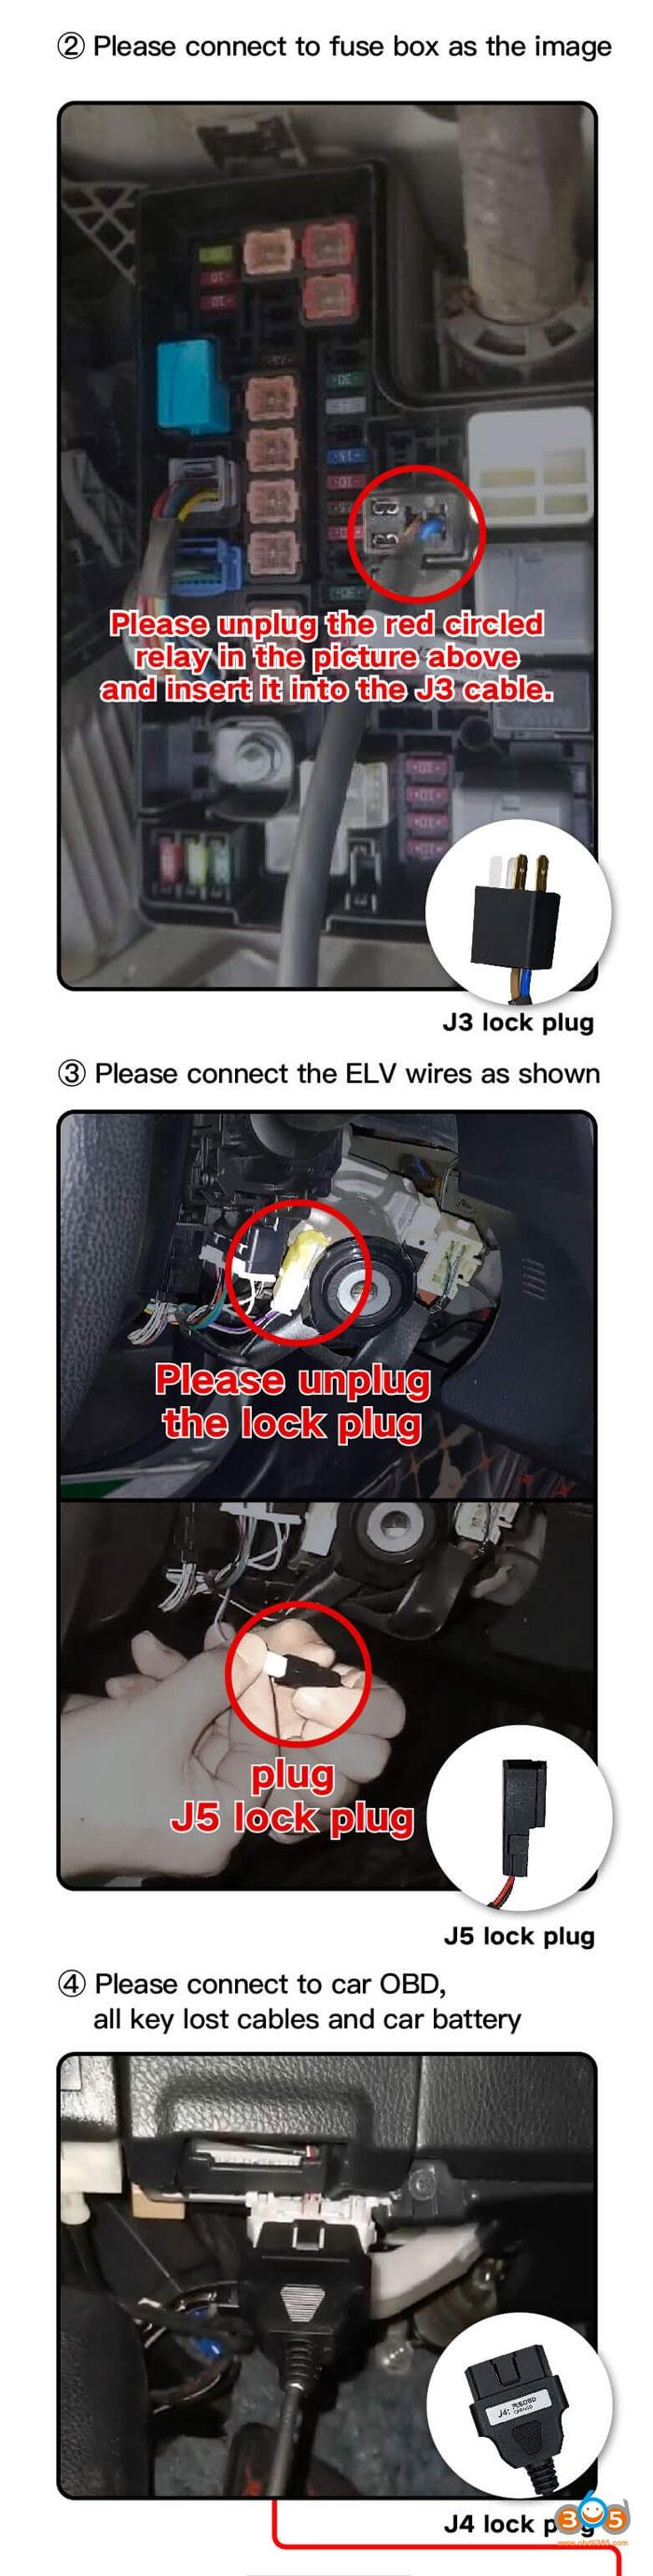 Toyota Rav4 8A All Keys Lost